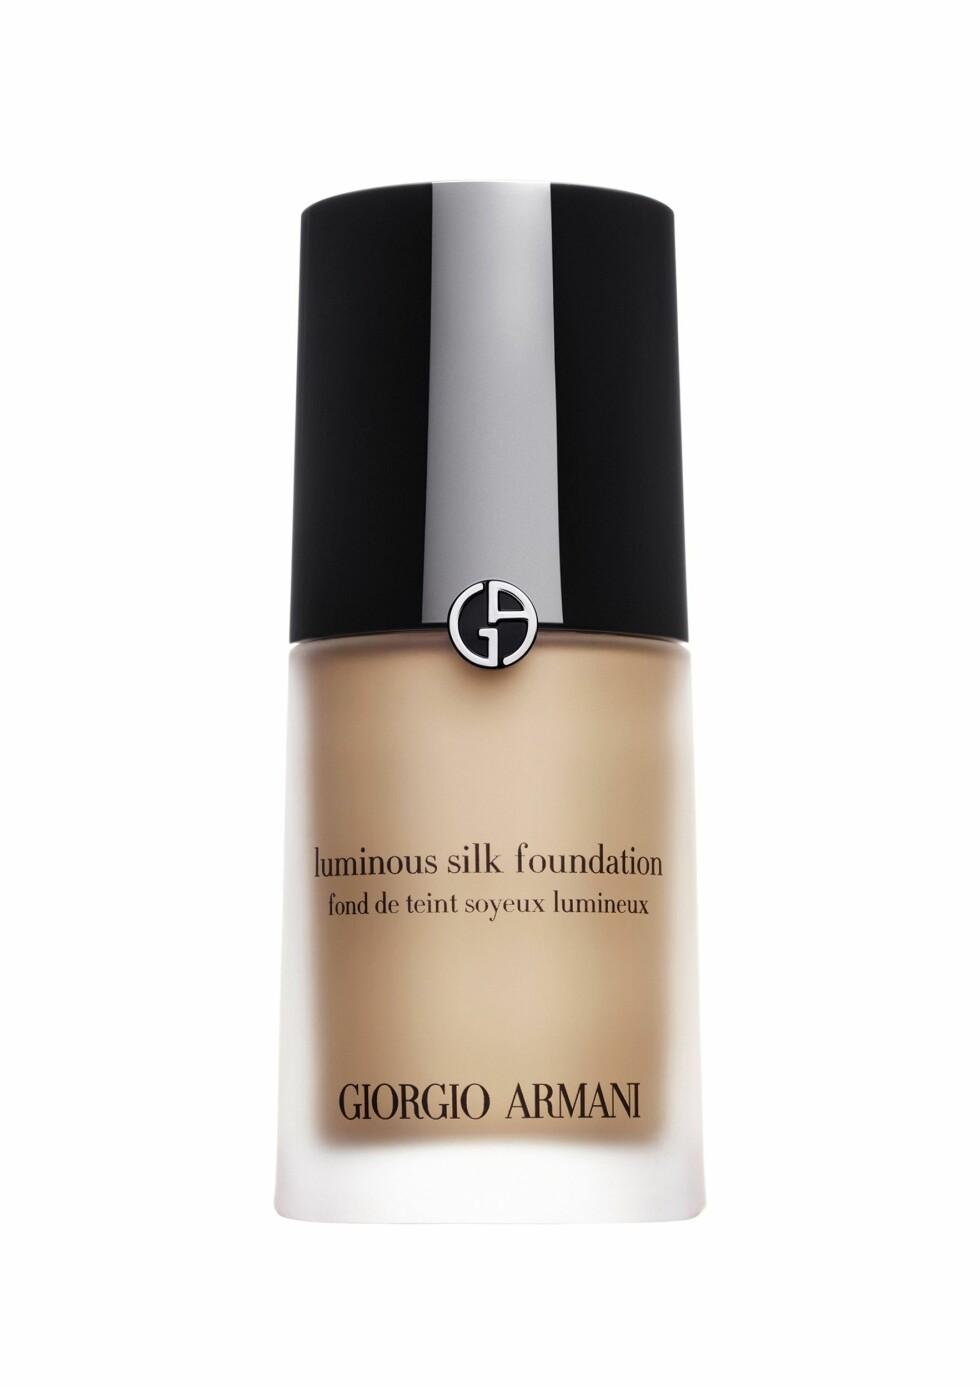 GIR GLØD:  Luminos Silk Foundation er den rette foundation til deg som vil gi huden din glød og utstråling. Denne oljefrie foundationen har en medium dekkevne, og den får huden til å se naturlig og feilfri ut. Den tilfører også mye fukt (kr 400, Giorgio Armani).  Foto: Produsenten